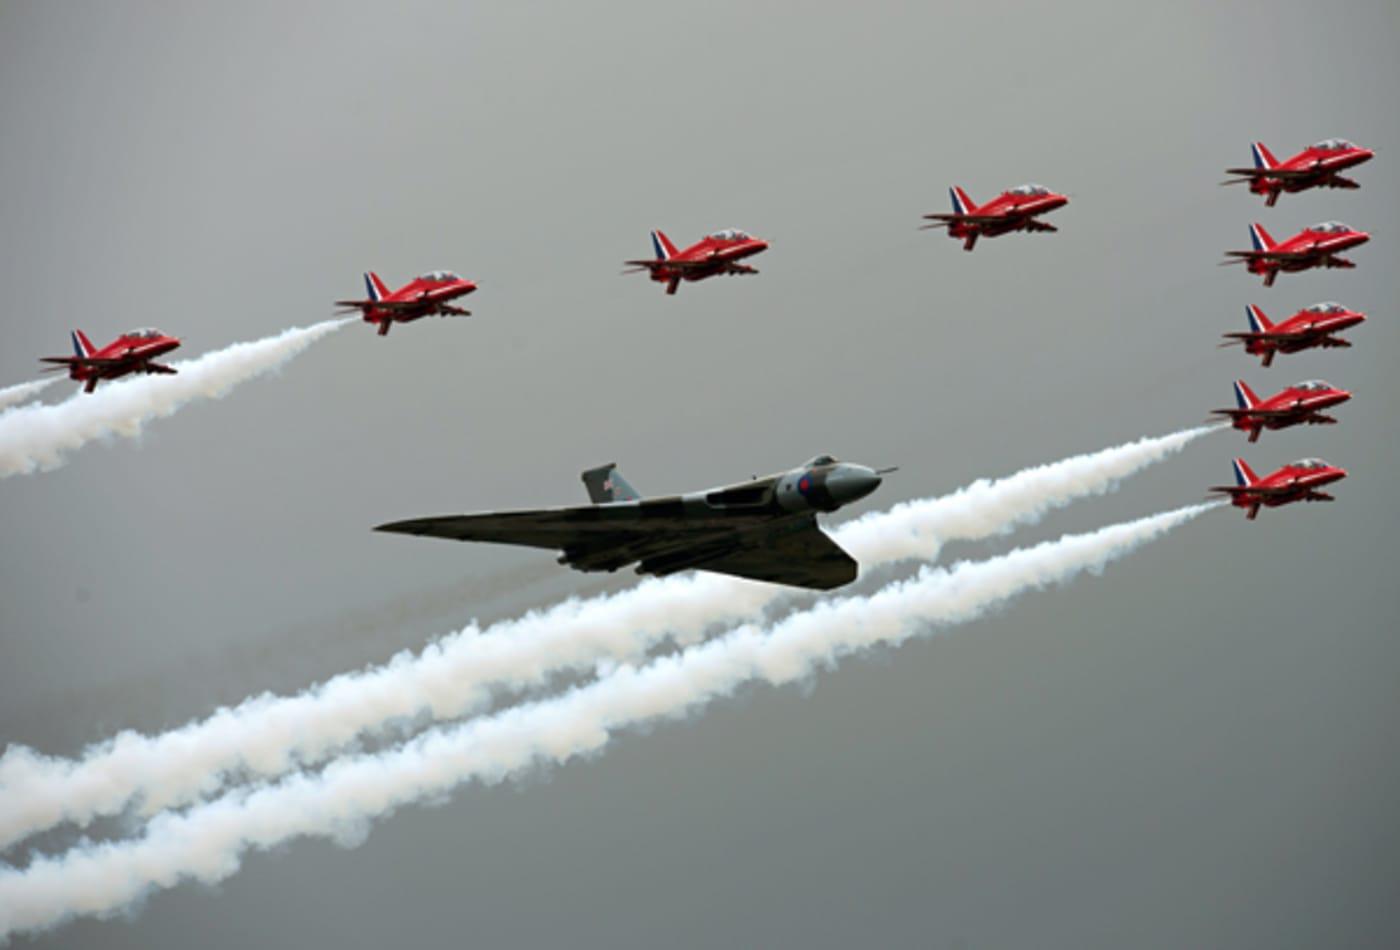 Red_Arrows_Vulcan_Farnborough.jpg